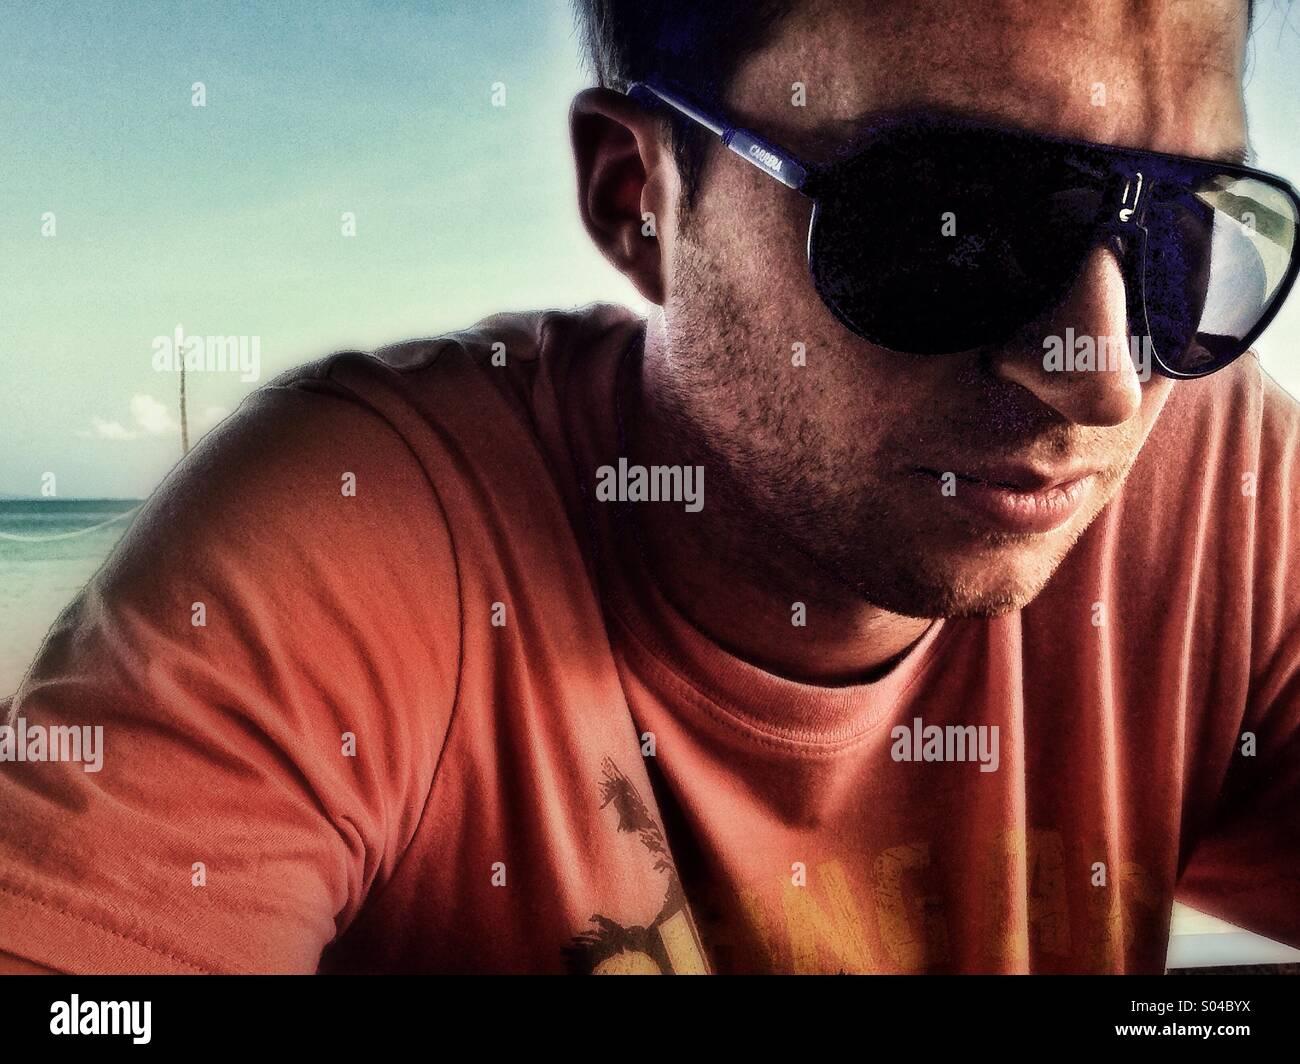 El hombre en la playa con camiseta naranja y gafas de sol, mirando pensativo, Dj Imagen De Stock